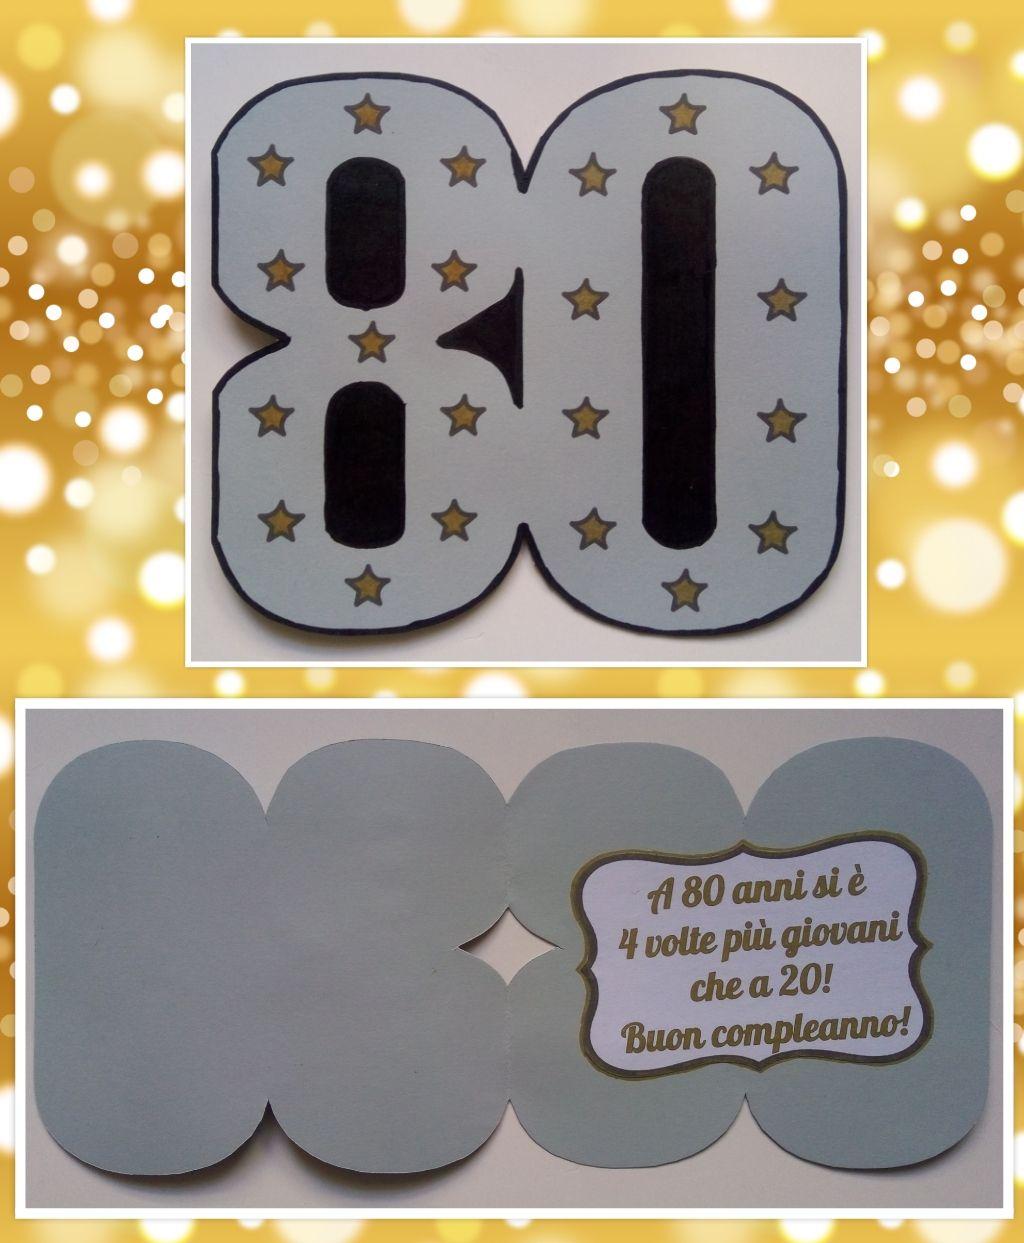 Biglietti Auguri Buon Compleanno 80 Anni.Biglietto Auguri Compleanno 80 Anni Numero Buon Compleanno